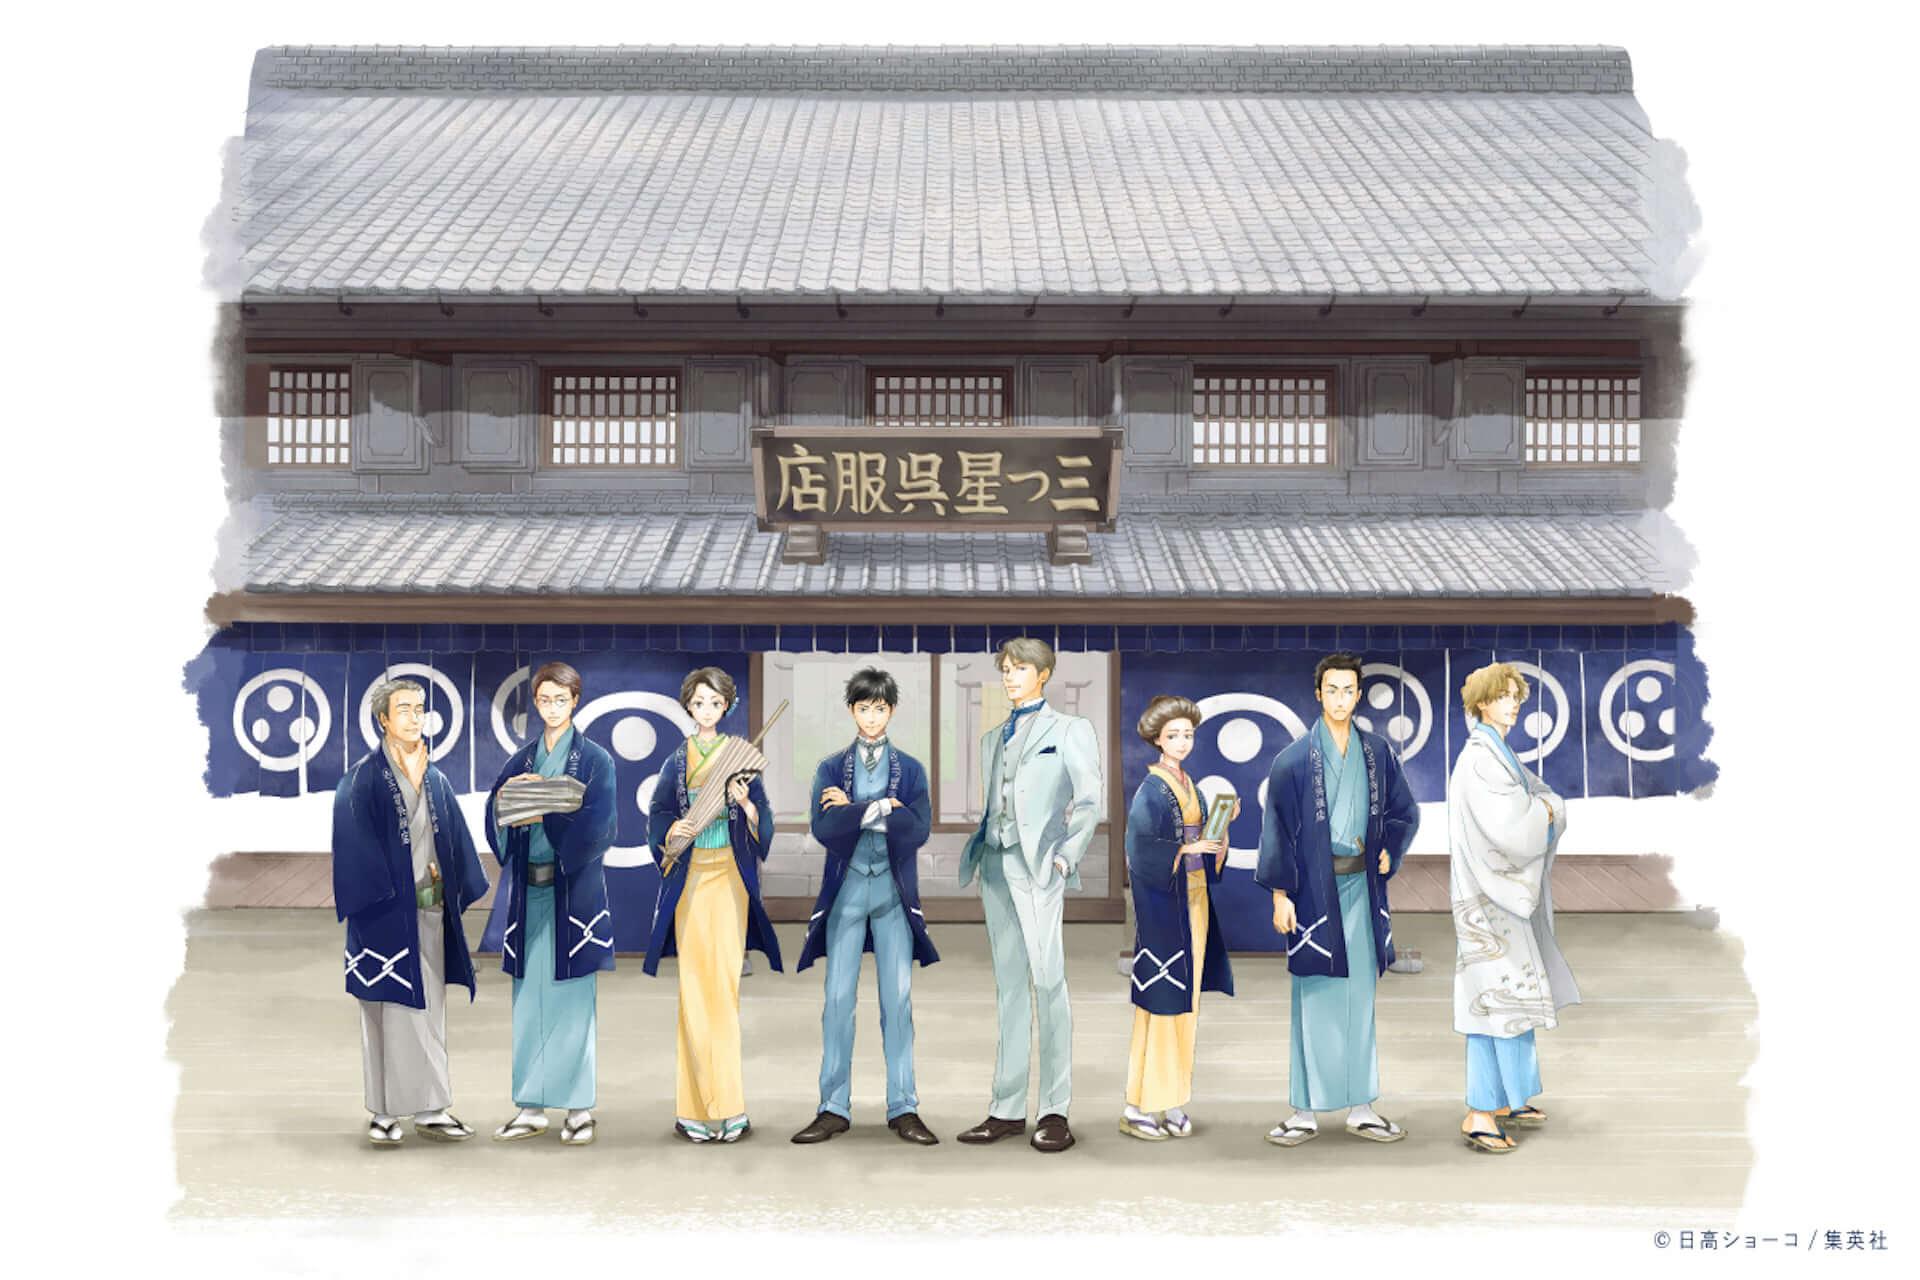 現代装飾家・京森康平と藍師/染師・BUAISOUが手掛けたマスク&手拭いも販売!『日に流れて橋に行く』×誠品生活日本橋のコラボ企画が始動 lf200806_buaisou-koheikyomori_20-1920x1280